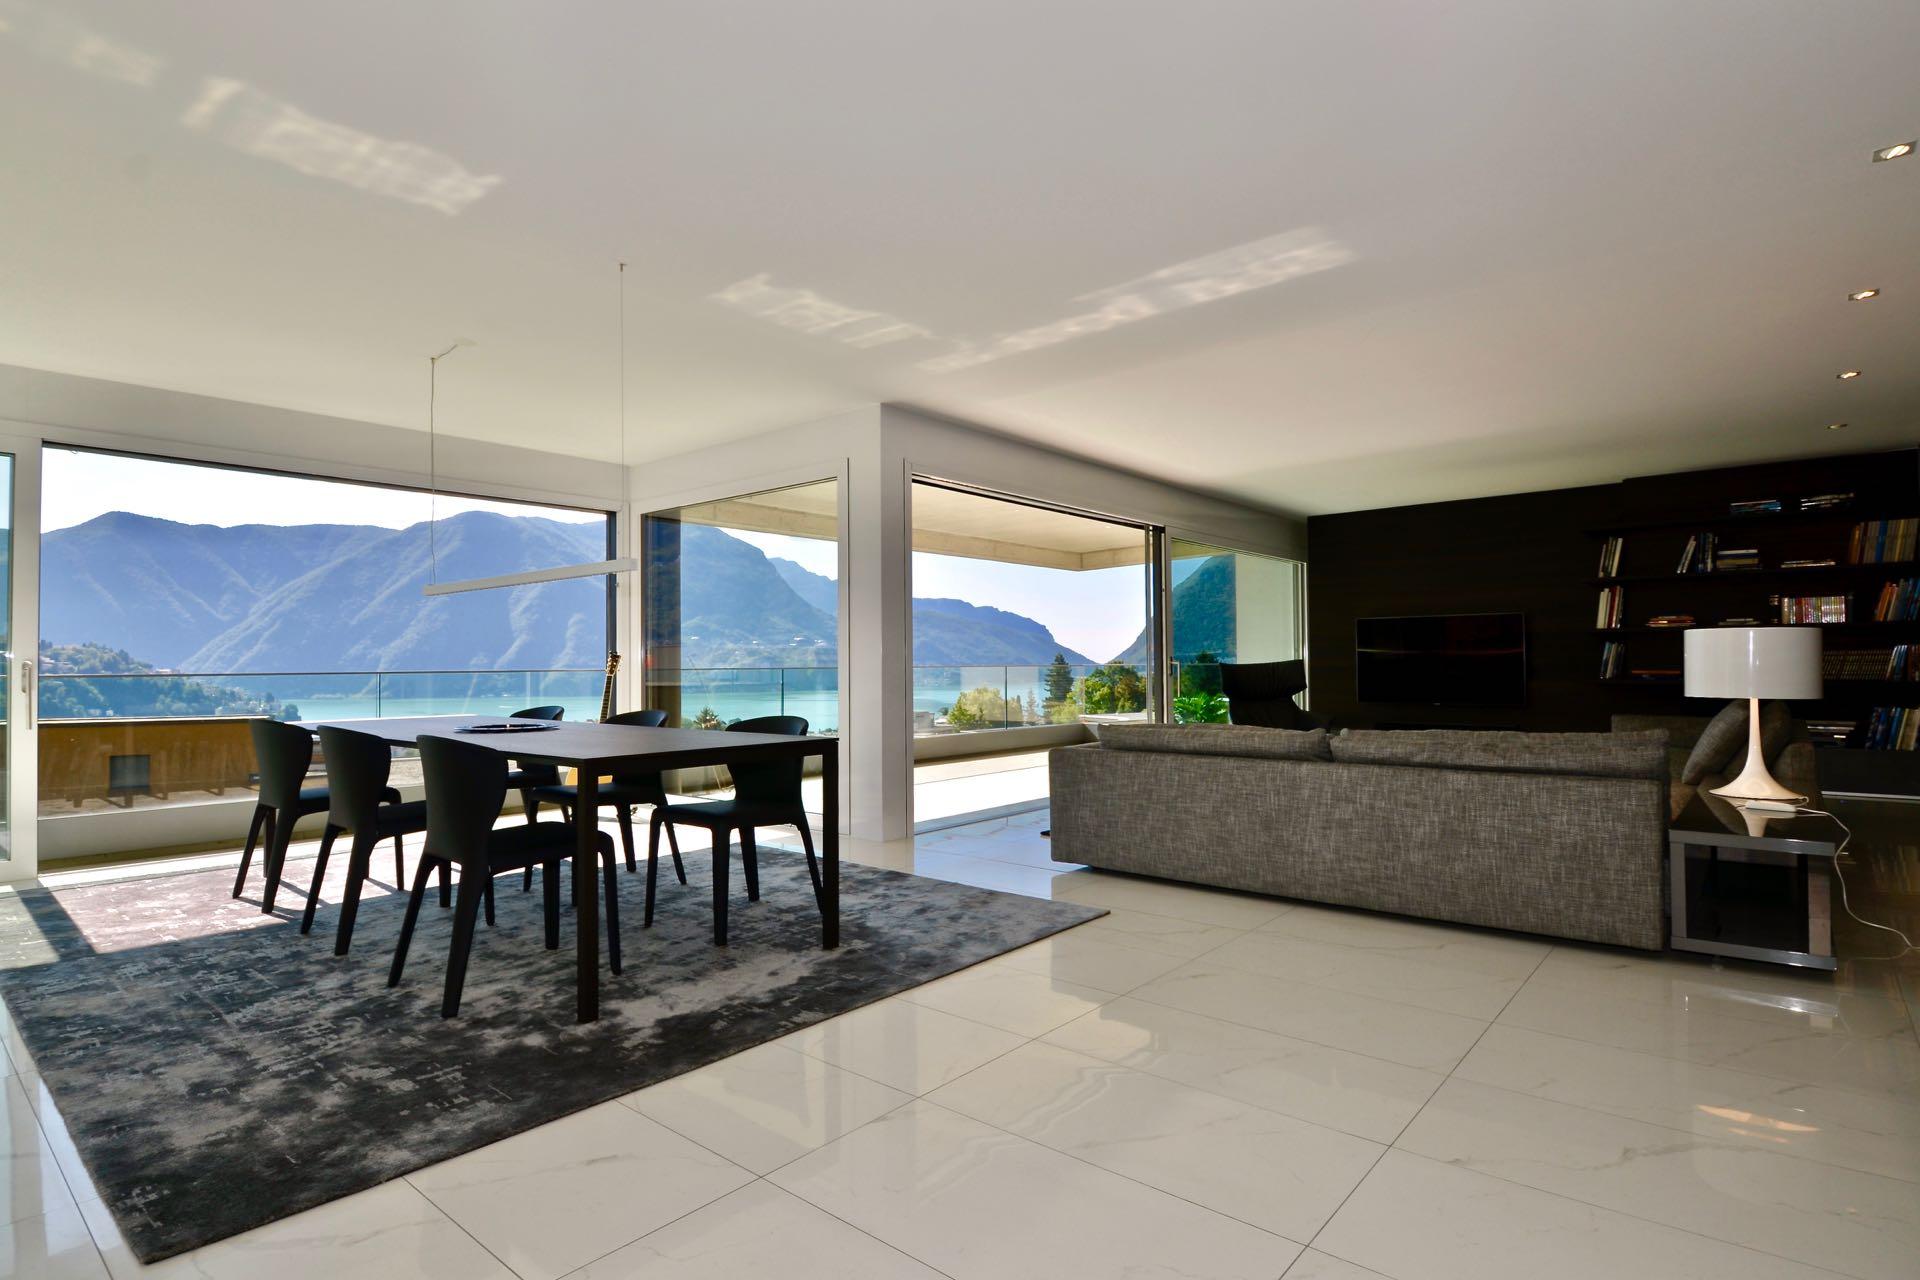 Soggiorno grande con la cucina aperta. Appartamento moderno a Lugano in vendita in posizione strategica con stupenda vista sul Lago di Lugano